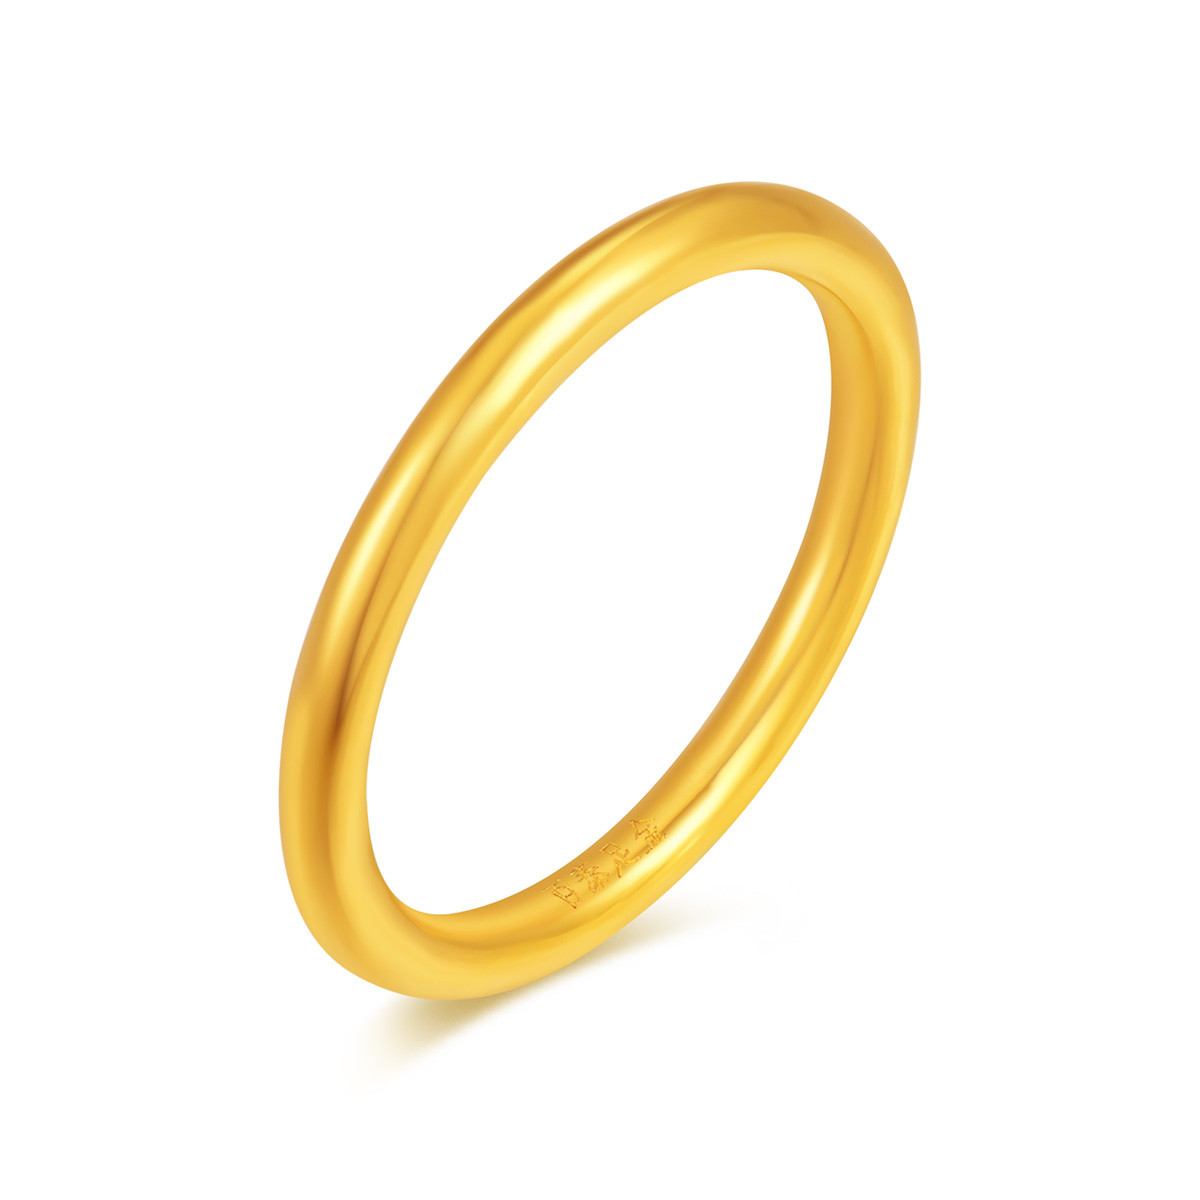 百泰首饰百泰 3D硬金光圈黄金戒指男女款可做情侣对戒(计价)D-HY-01-0012-01